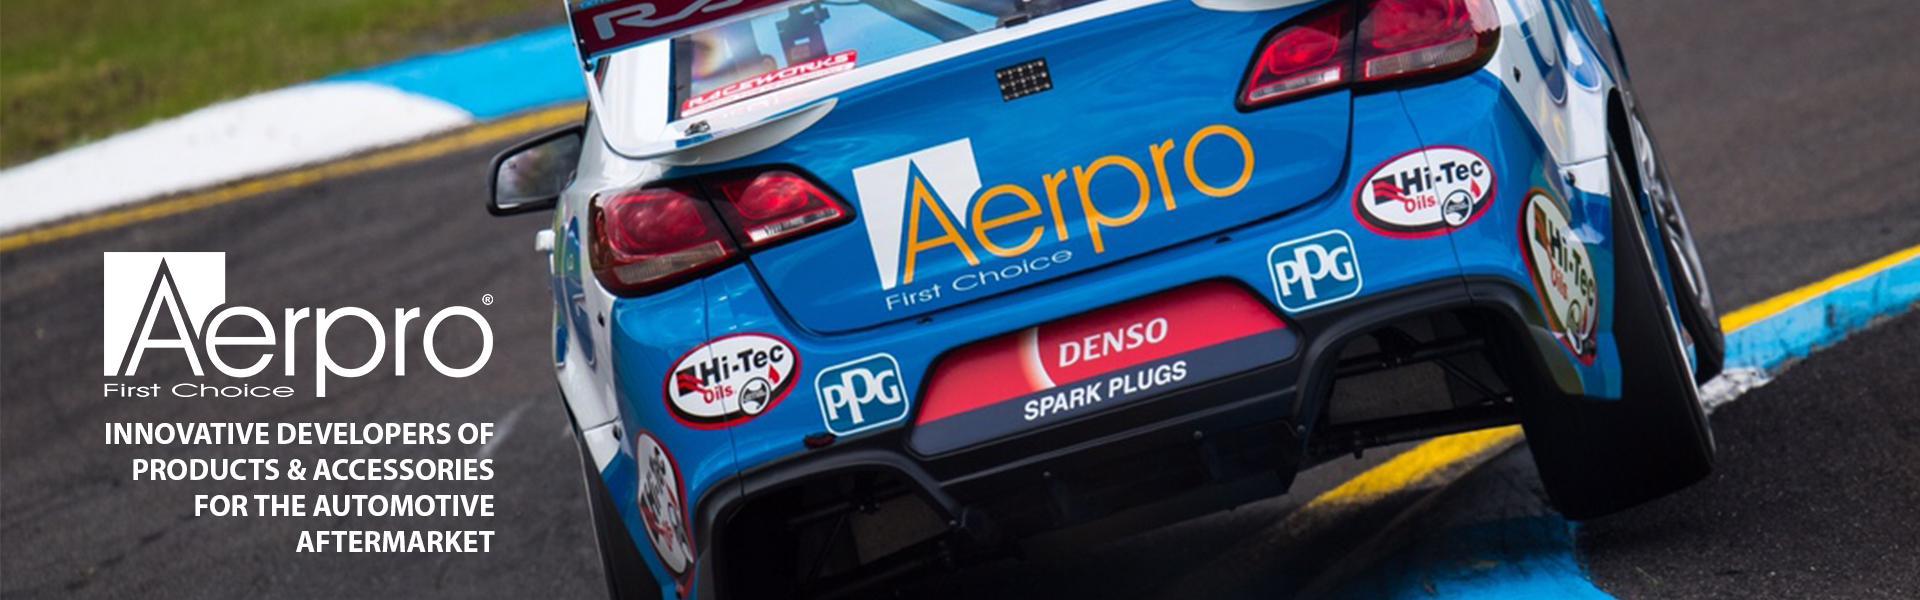 Aerpro V8